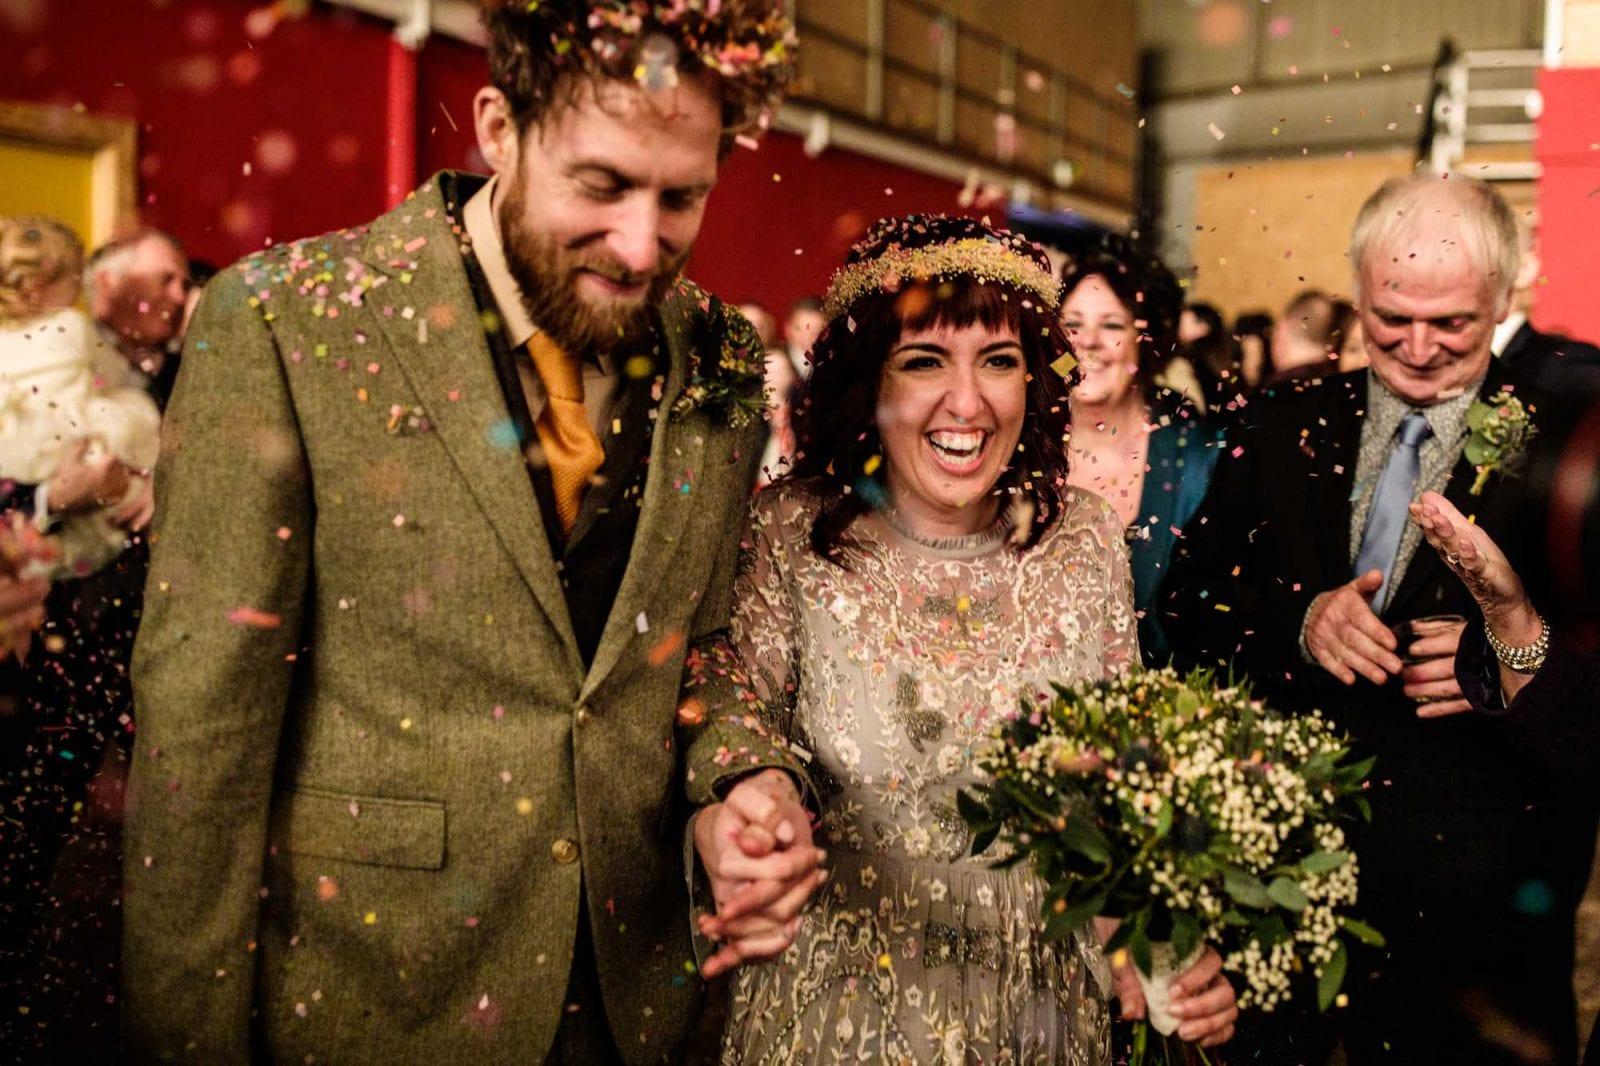 Alternative Bride and Groom Confetti shot